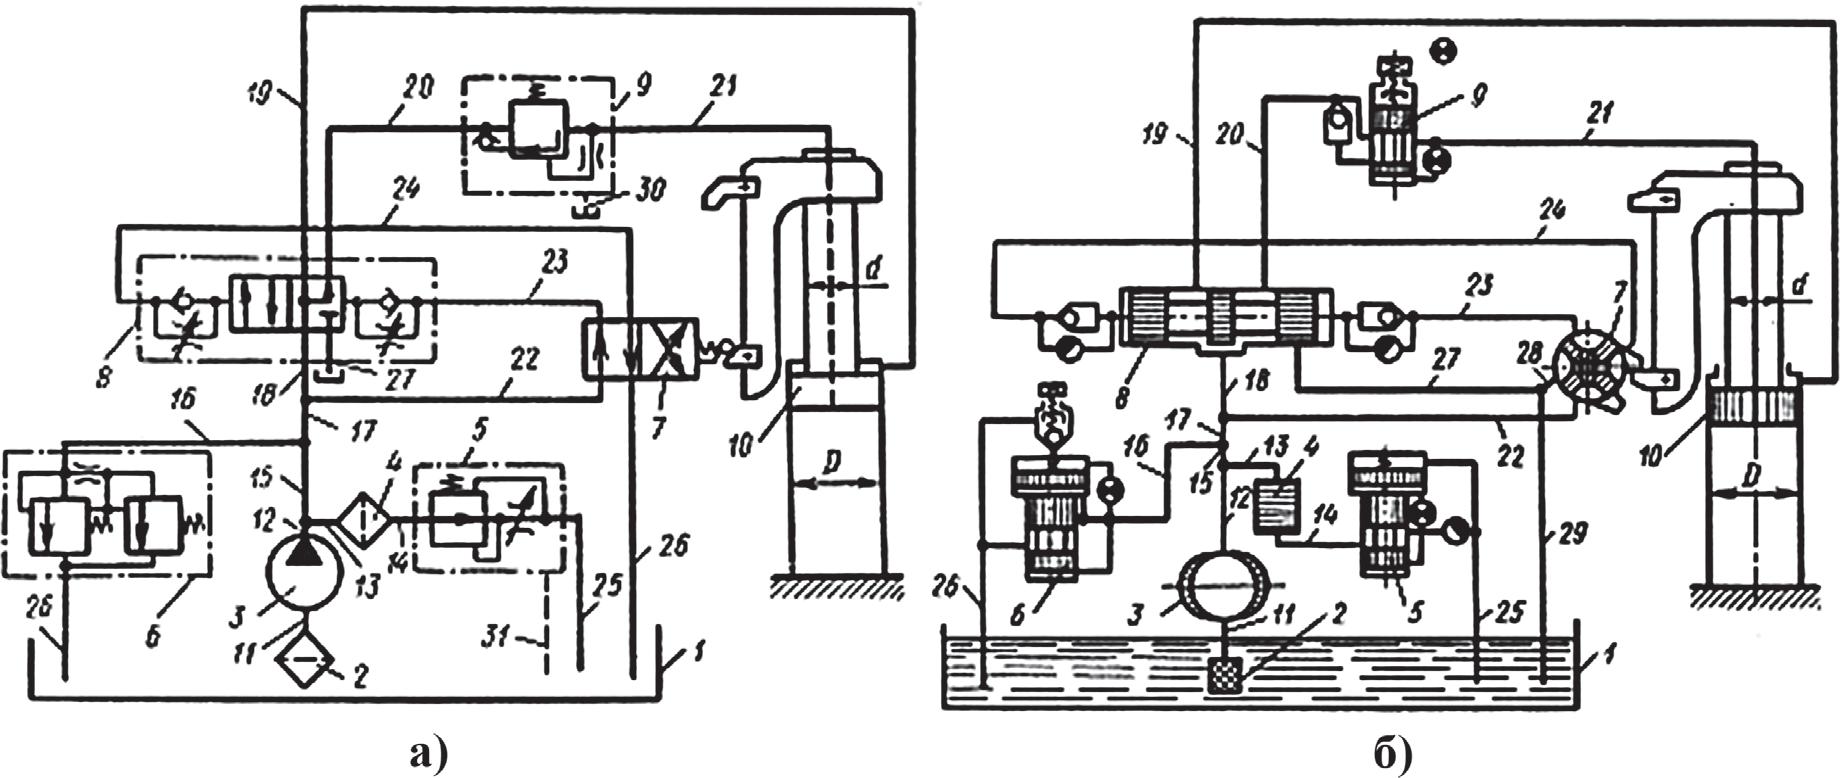 гидравлическая схема станка с символическими и конструктивными условными обозначениями